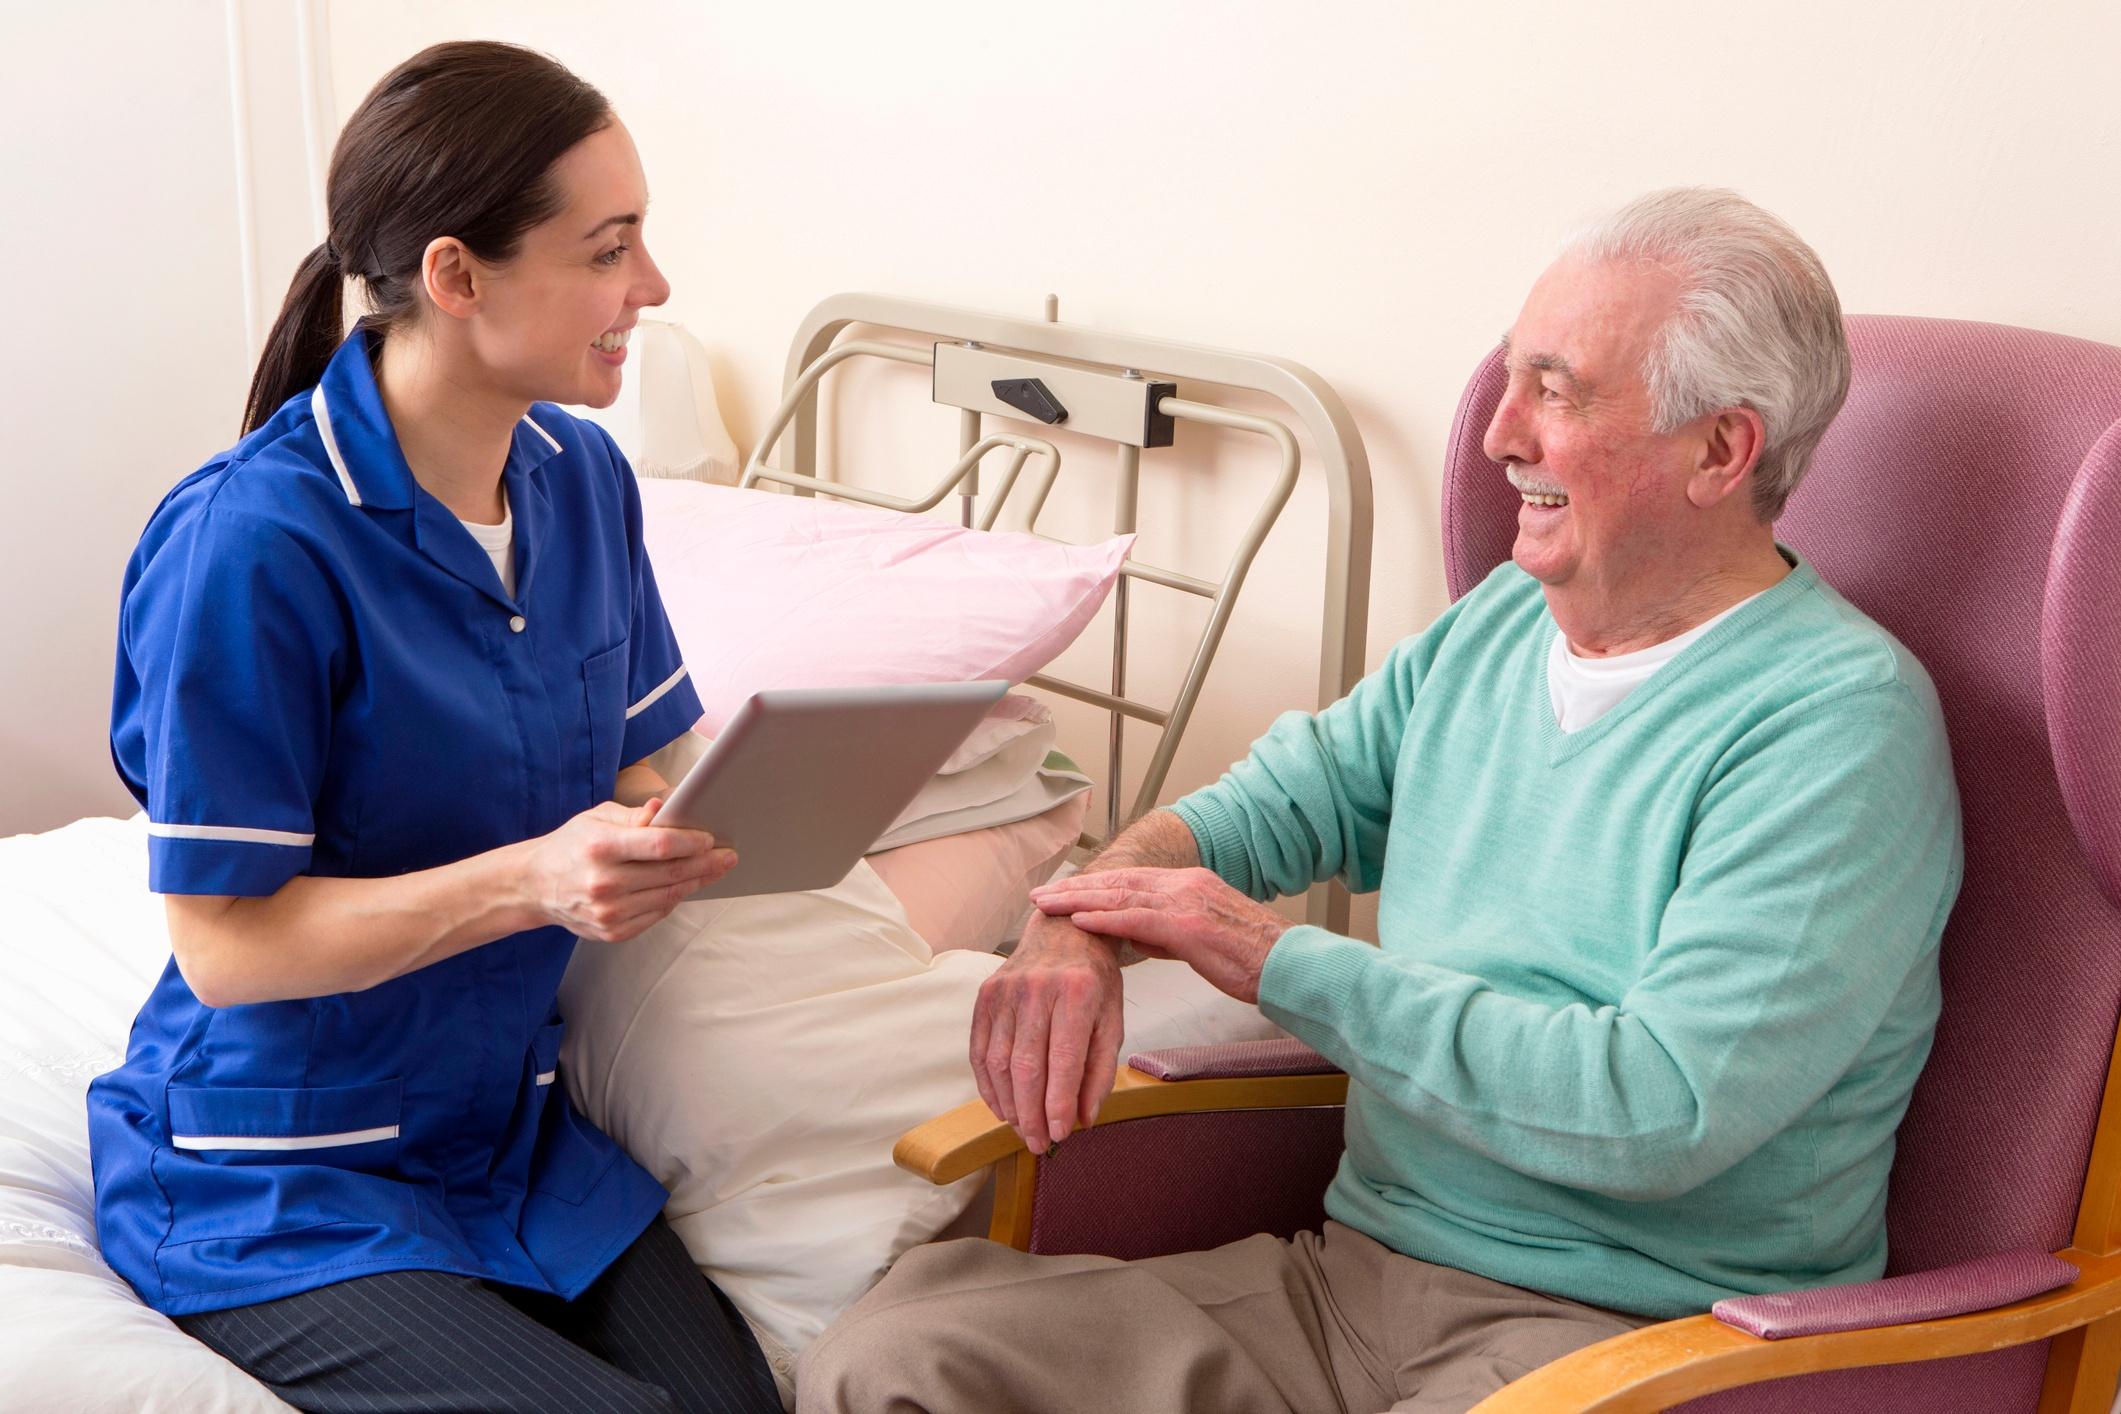 patient-rounding-elderly-man